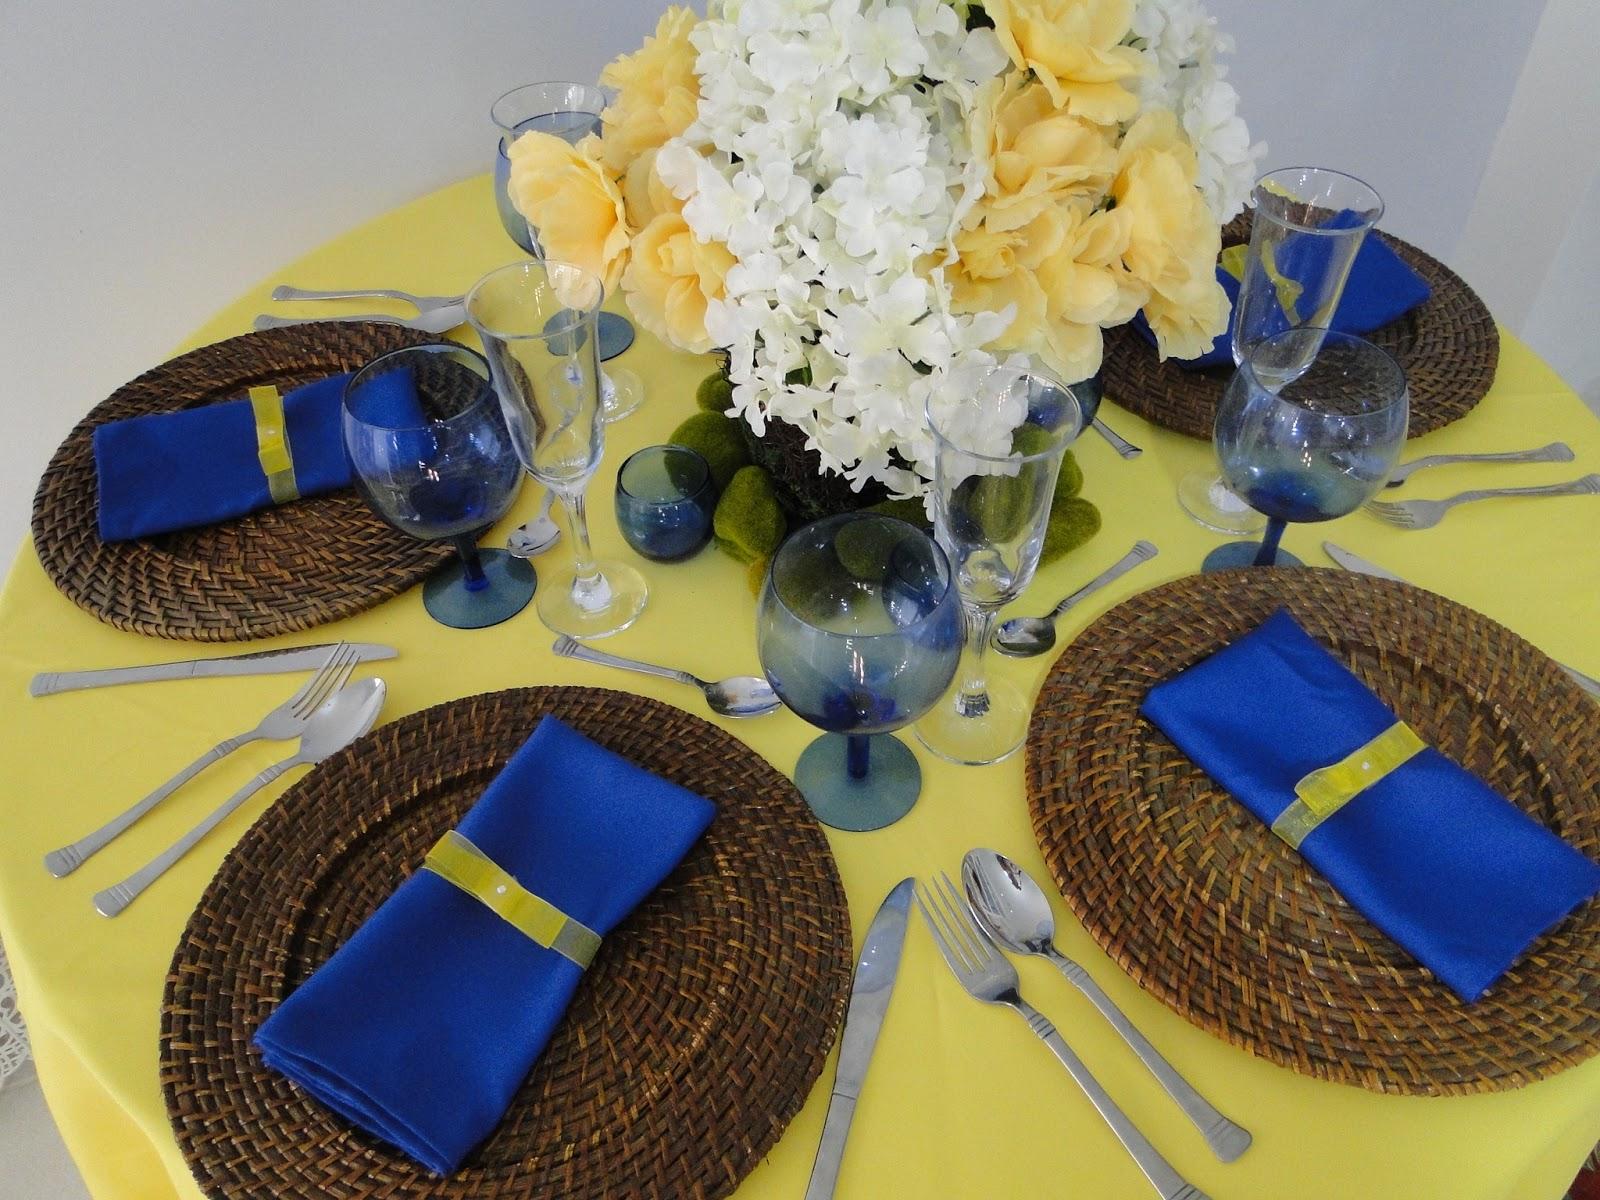 decoracao festa infantil azul e amarelo:Dia de festa é só alegria.: Amarelo ouro com azul royal